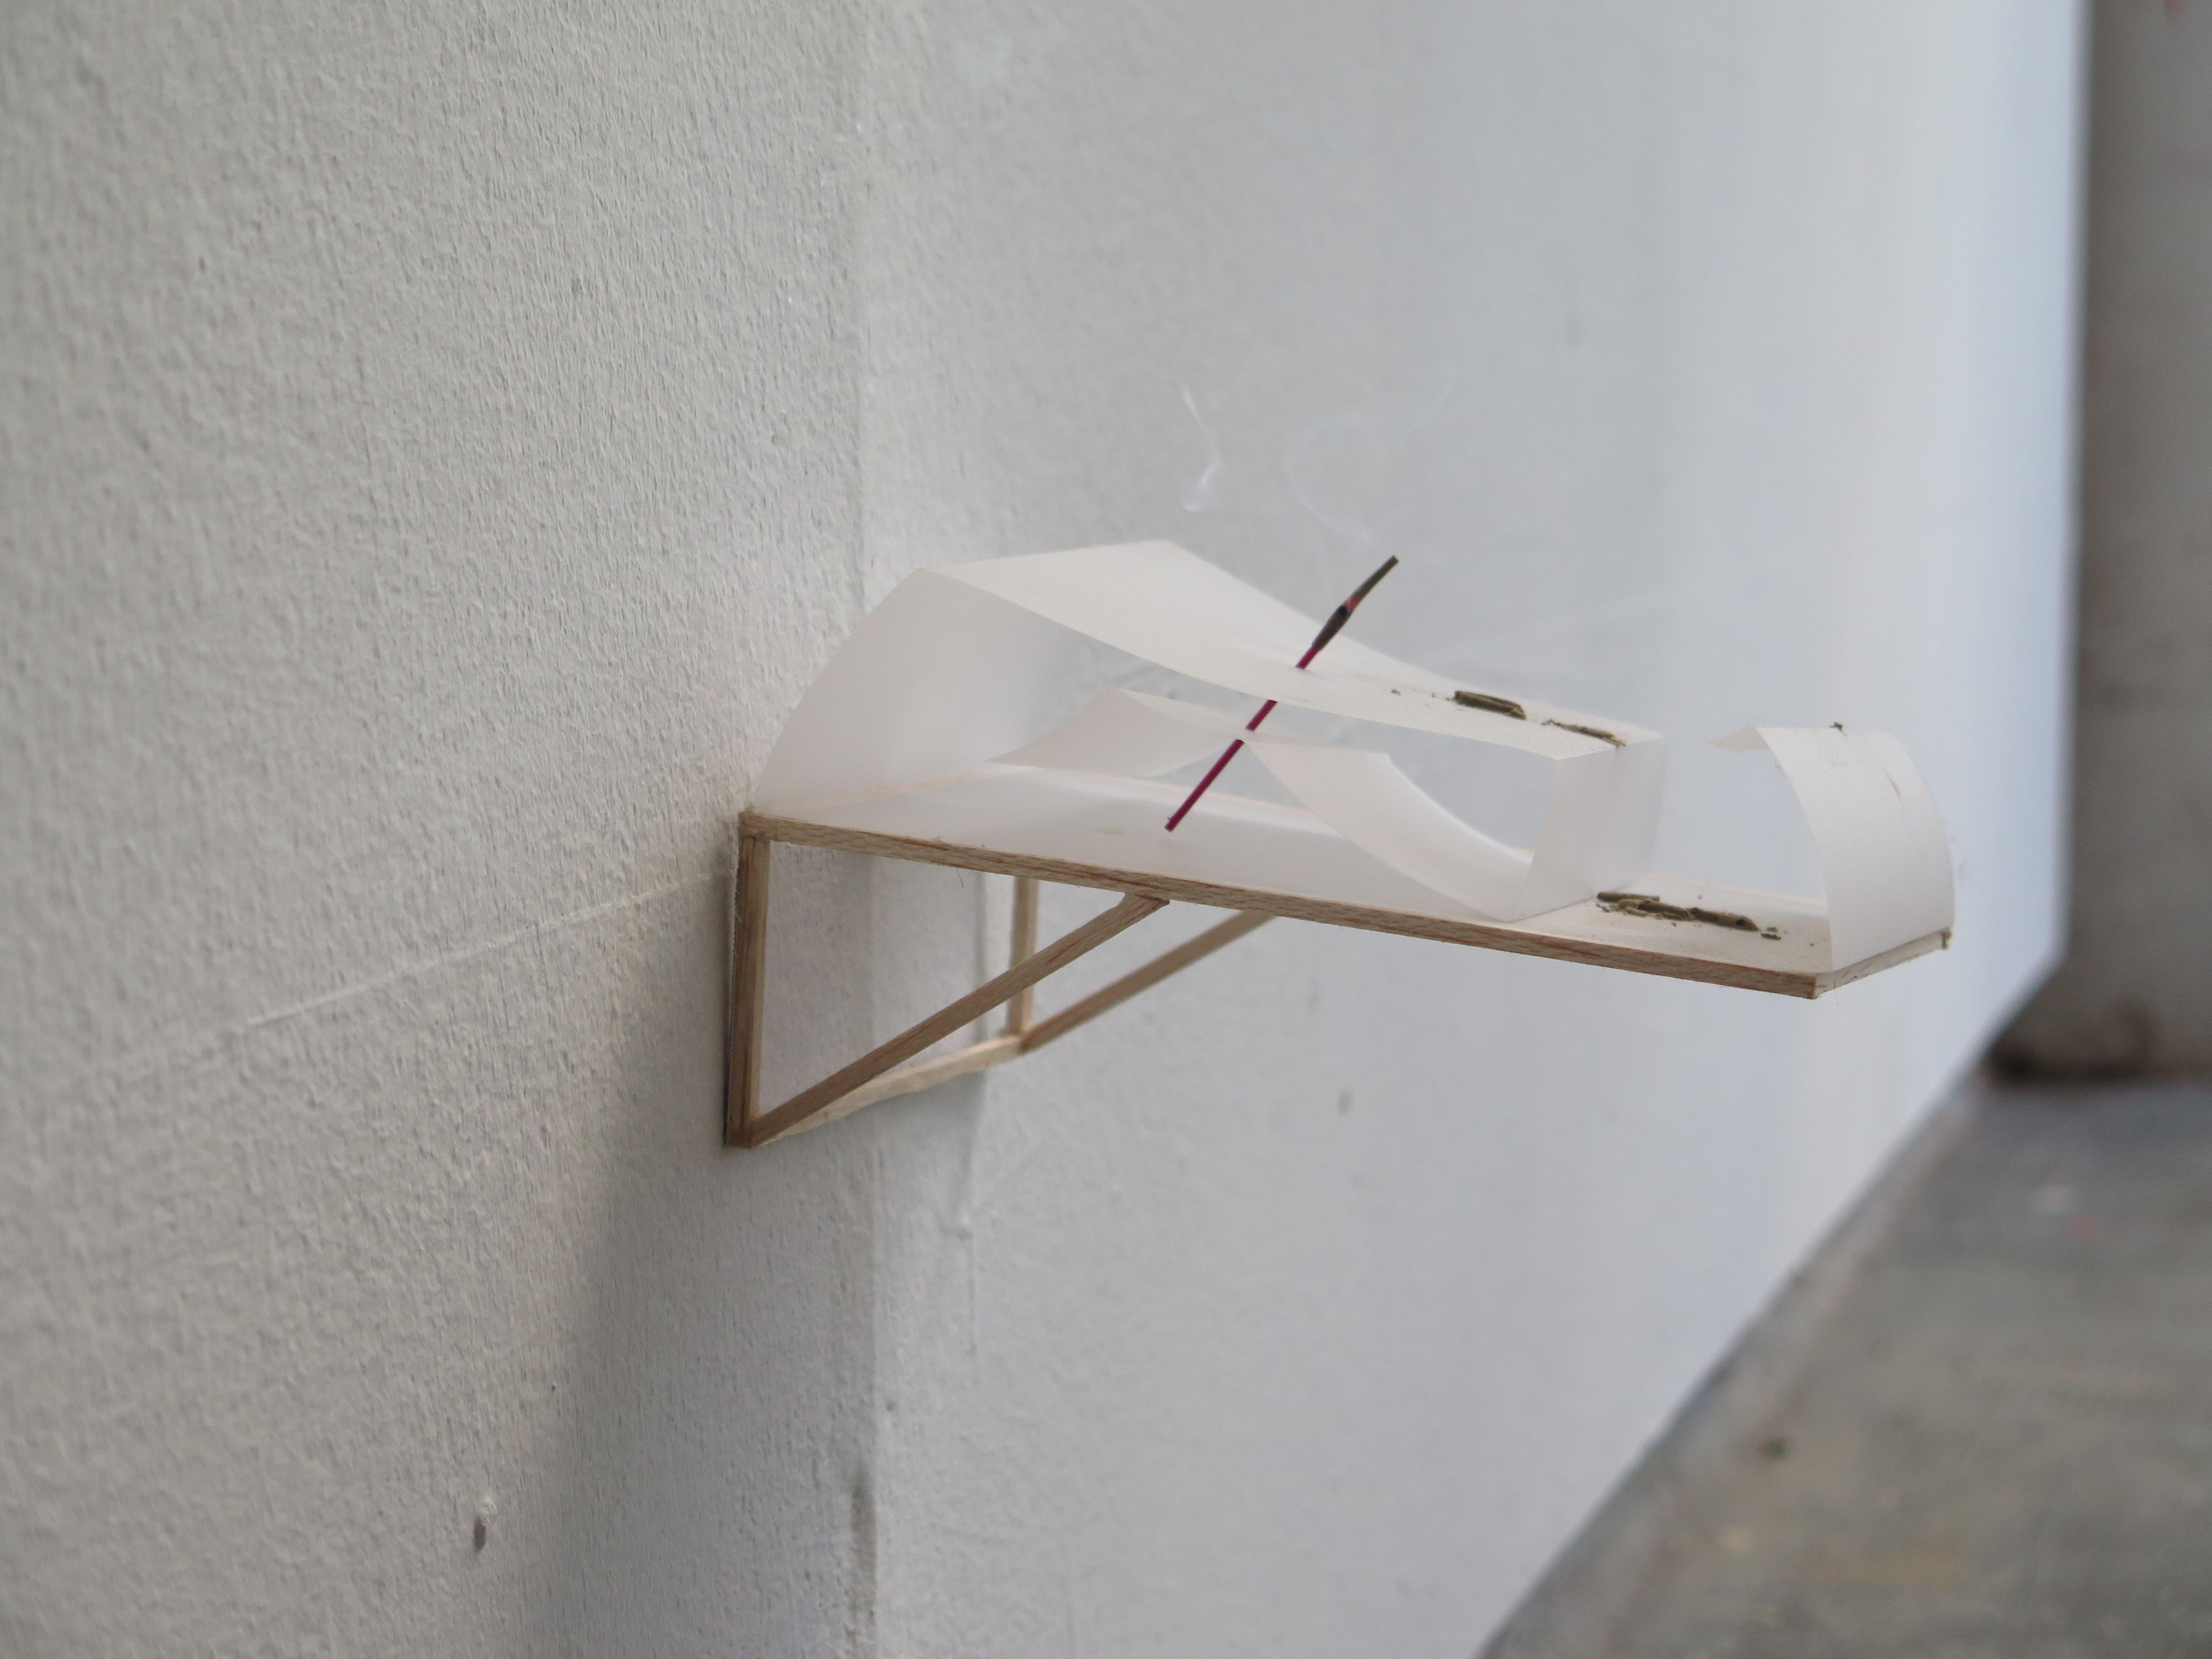 5expansion vertical | porta incenso | pieghe su carta fotosesibile, legno, incenso | 2017